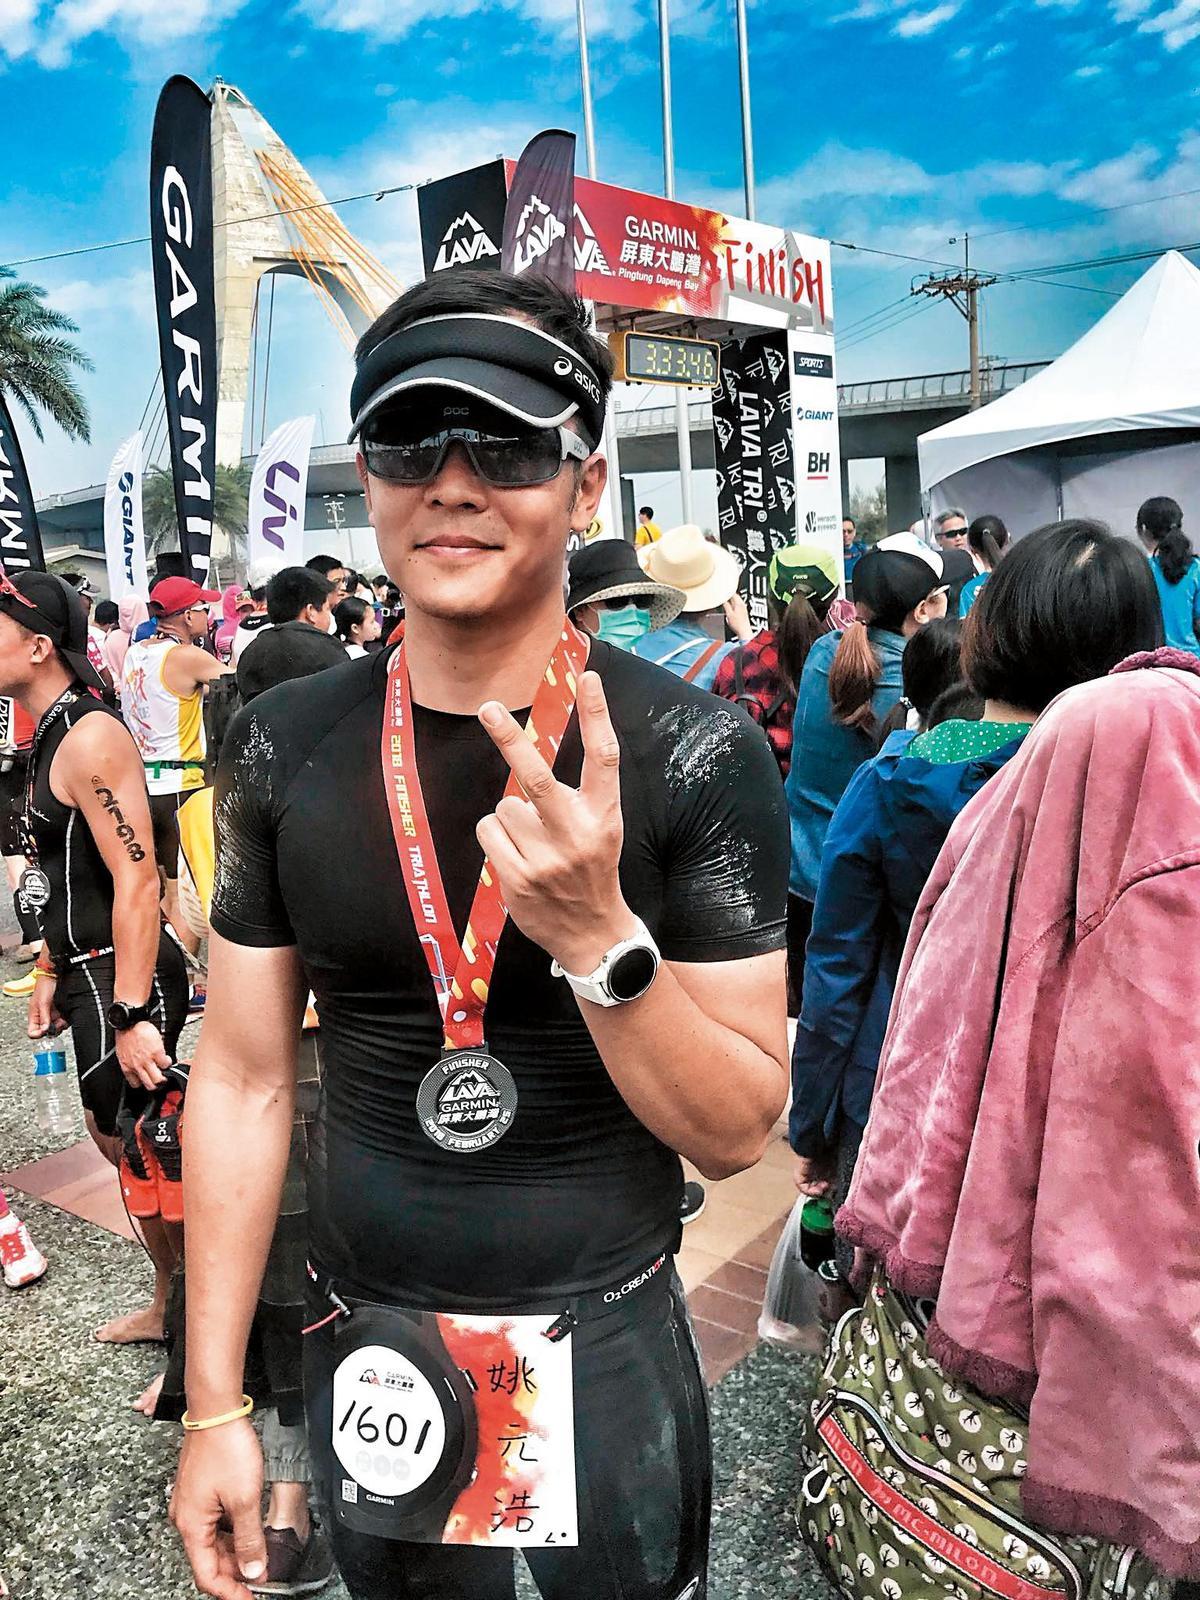 最近姚元浩也熱衷運動競賽,應是受女友王心恬的影響。(翻攝自姚元浩臉書)